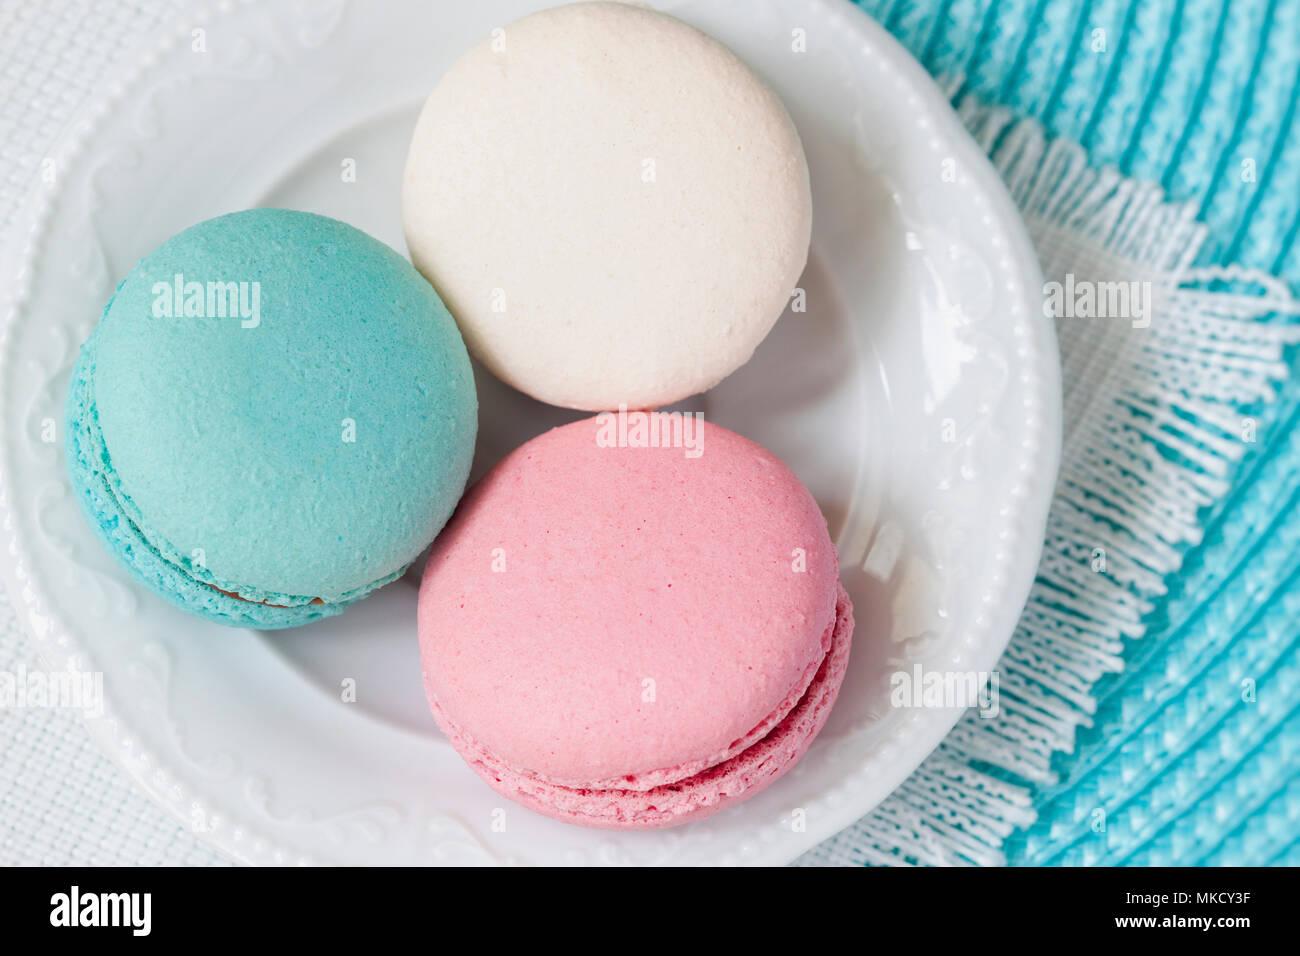 Tres mostachones de diferentes colores y diferentes sabores en una placa blanca, vista superior. Mañana romántico, Don Amado. Desayuno en Valentin, las madres, el día de la mujer Imagen De Stock